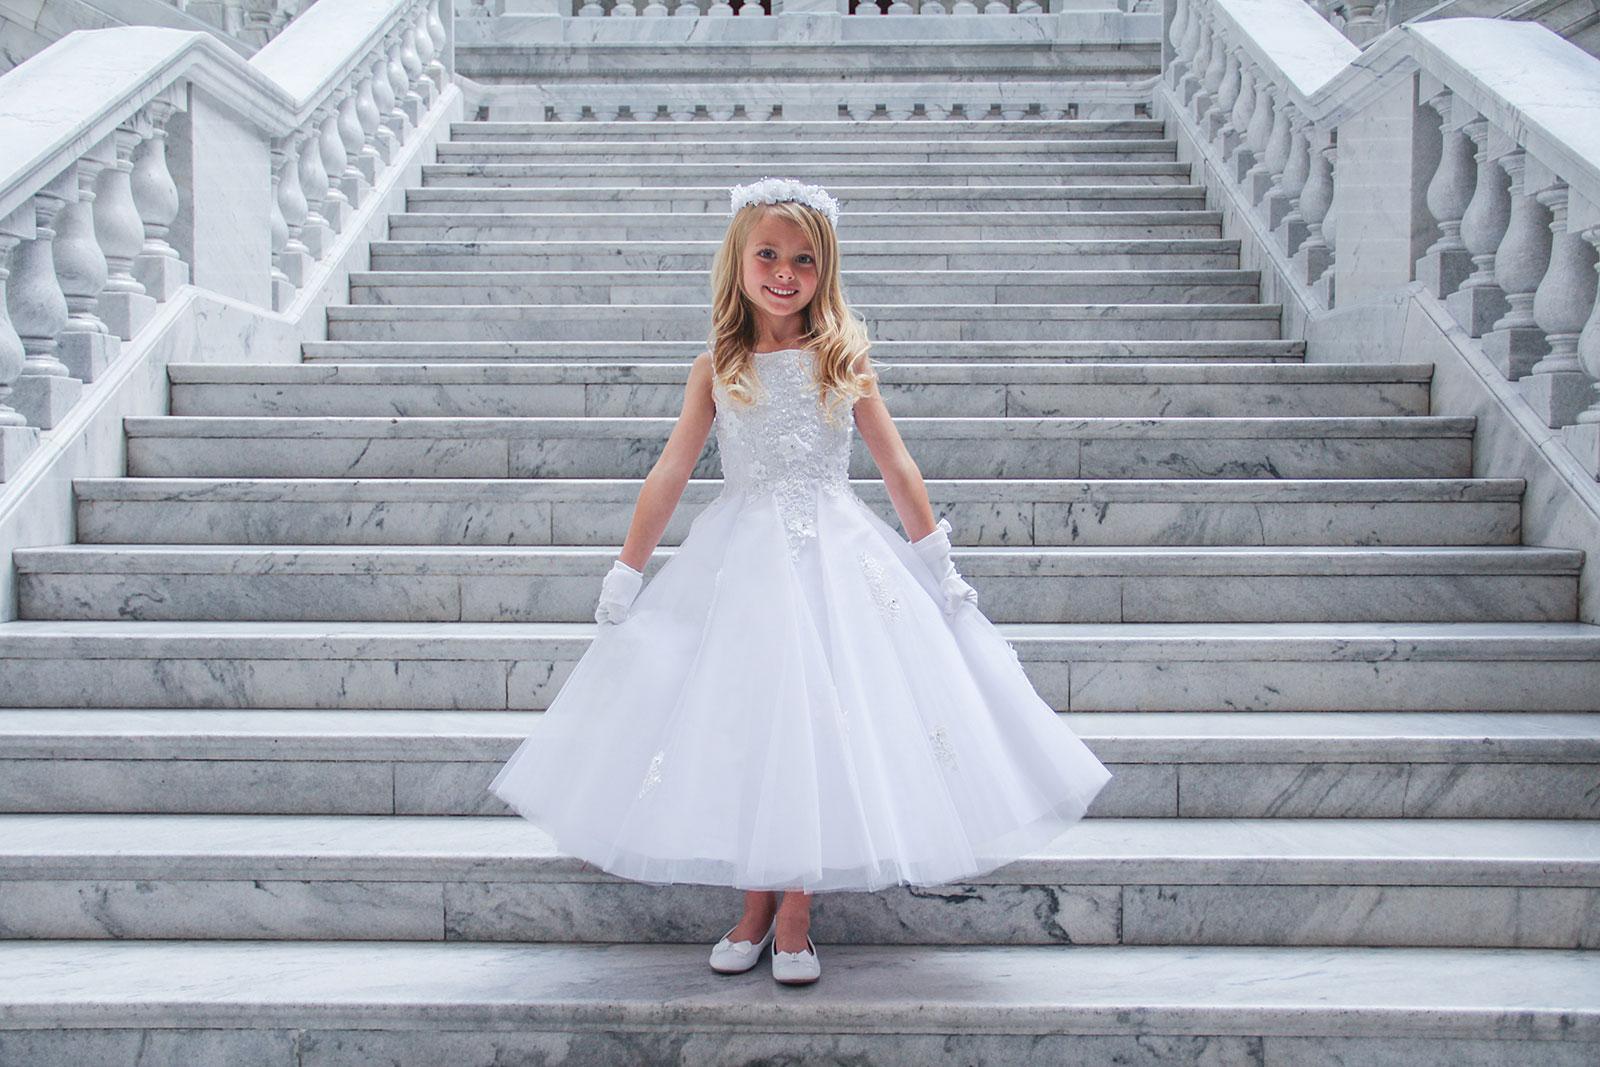 TT_5740 - Girls Dress Style 5740 -WHITE Sleeveless Beaded ...